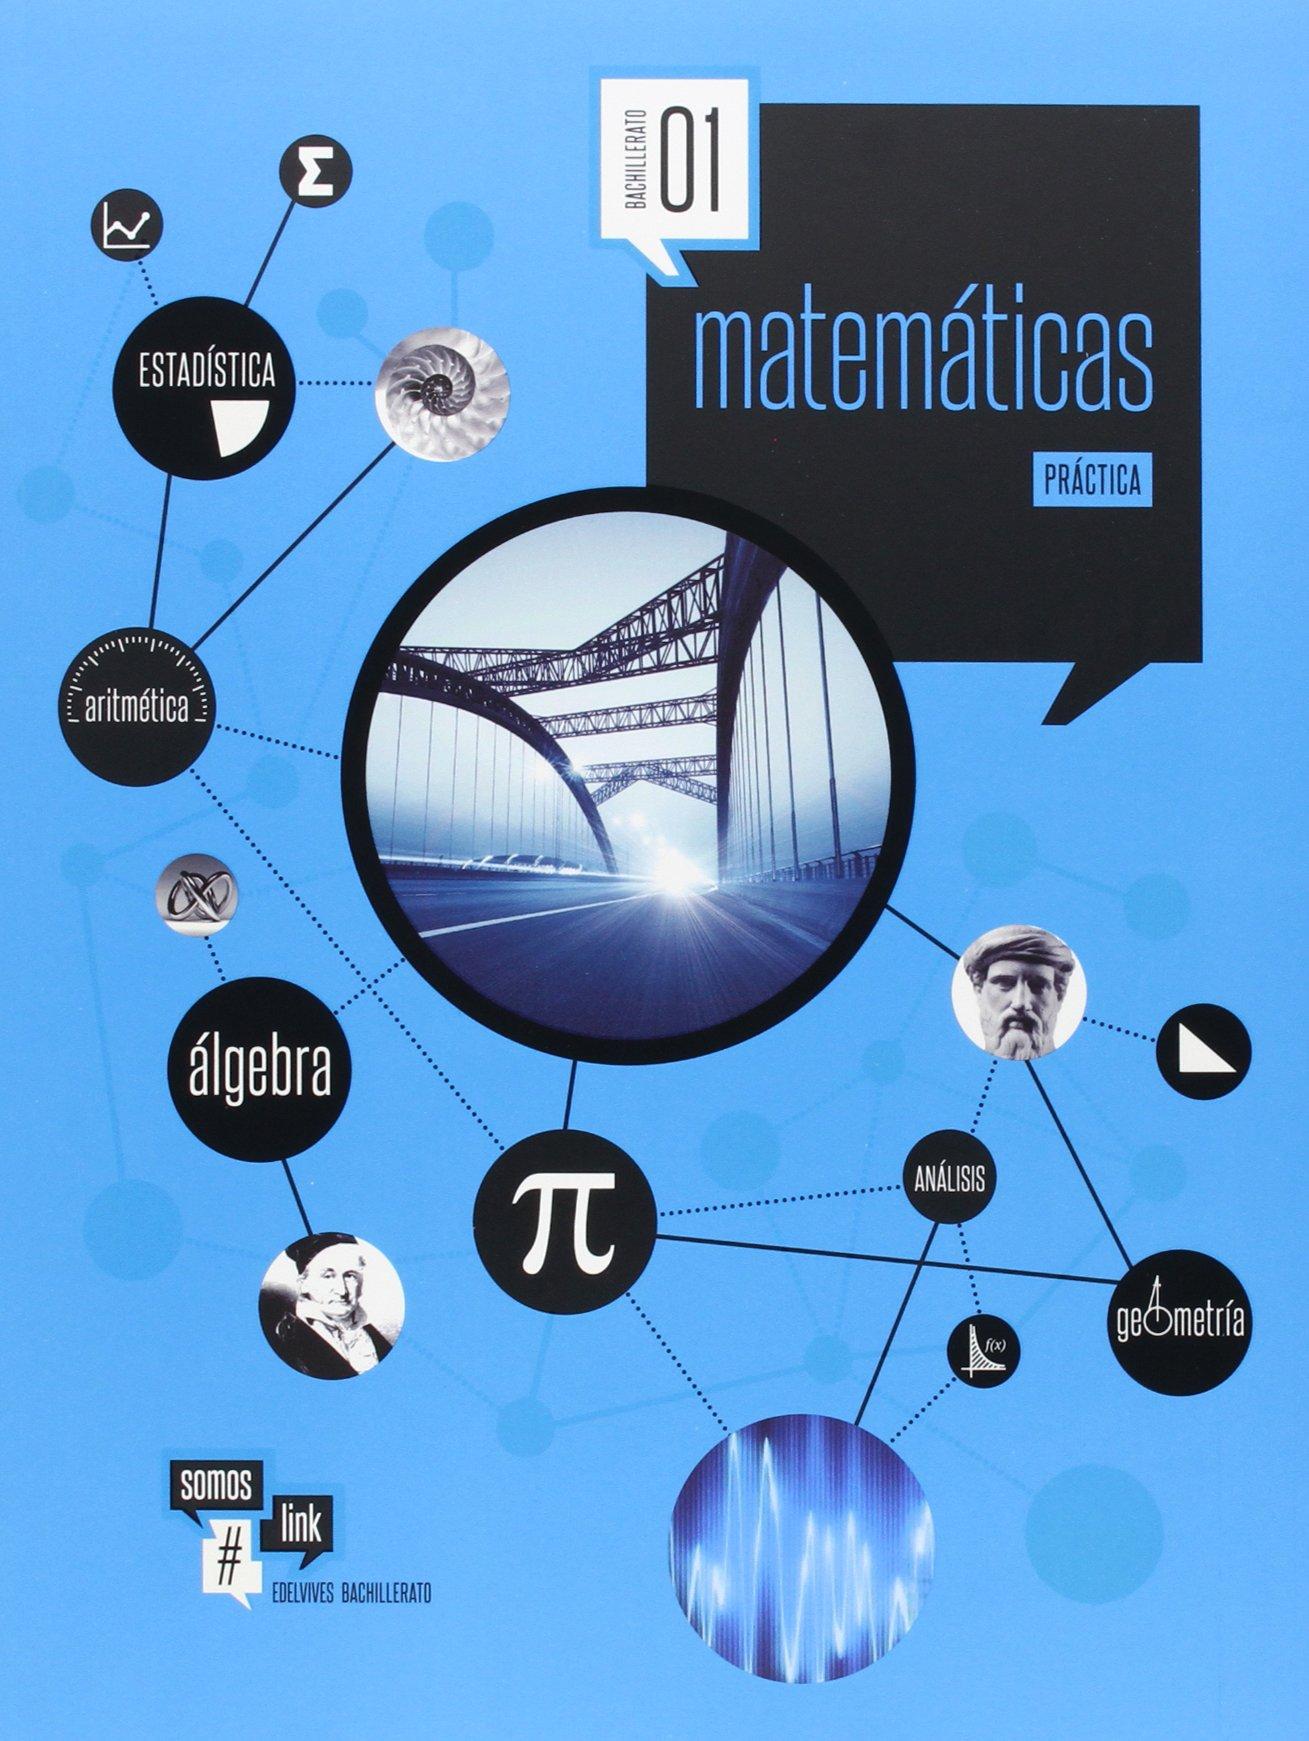 Matemáticas 1º Bachillerato Somoslink - 9788426399564: Amazon.es: Cardona García, Susana, Rey Navarro, José Antonio: Libros